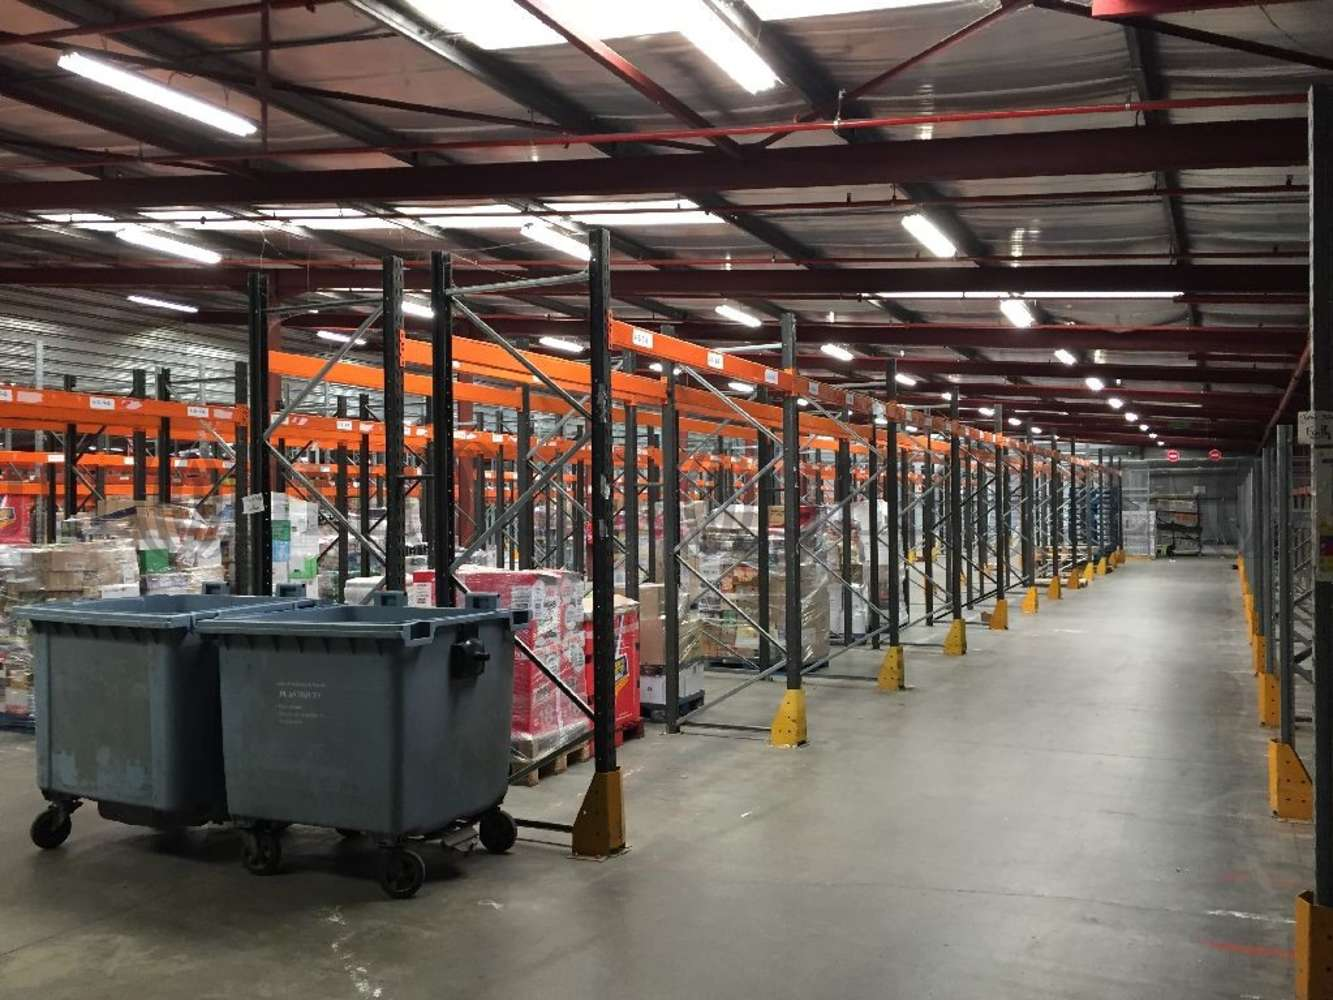 Plateformes logistiques Laiz, 01290 - Entrepôt logistique à louer - Ain (01)